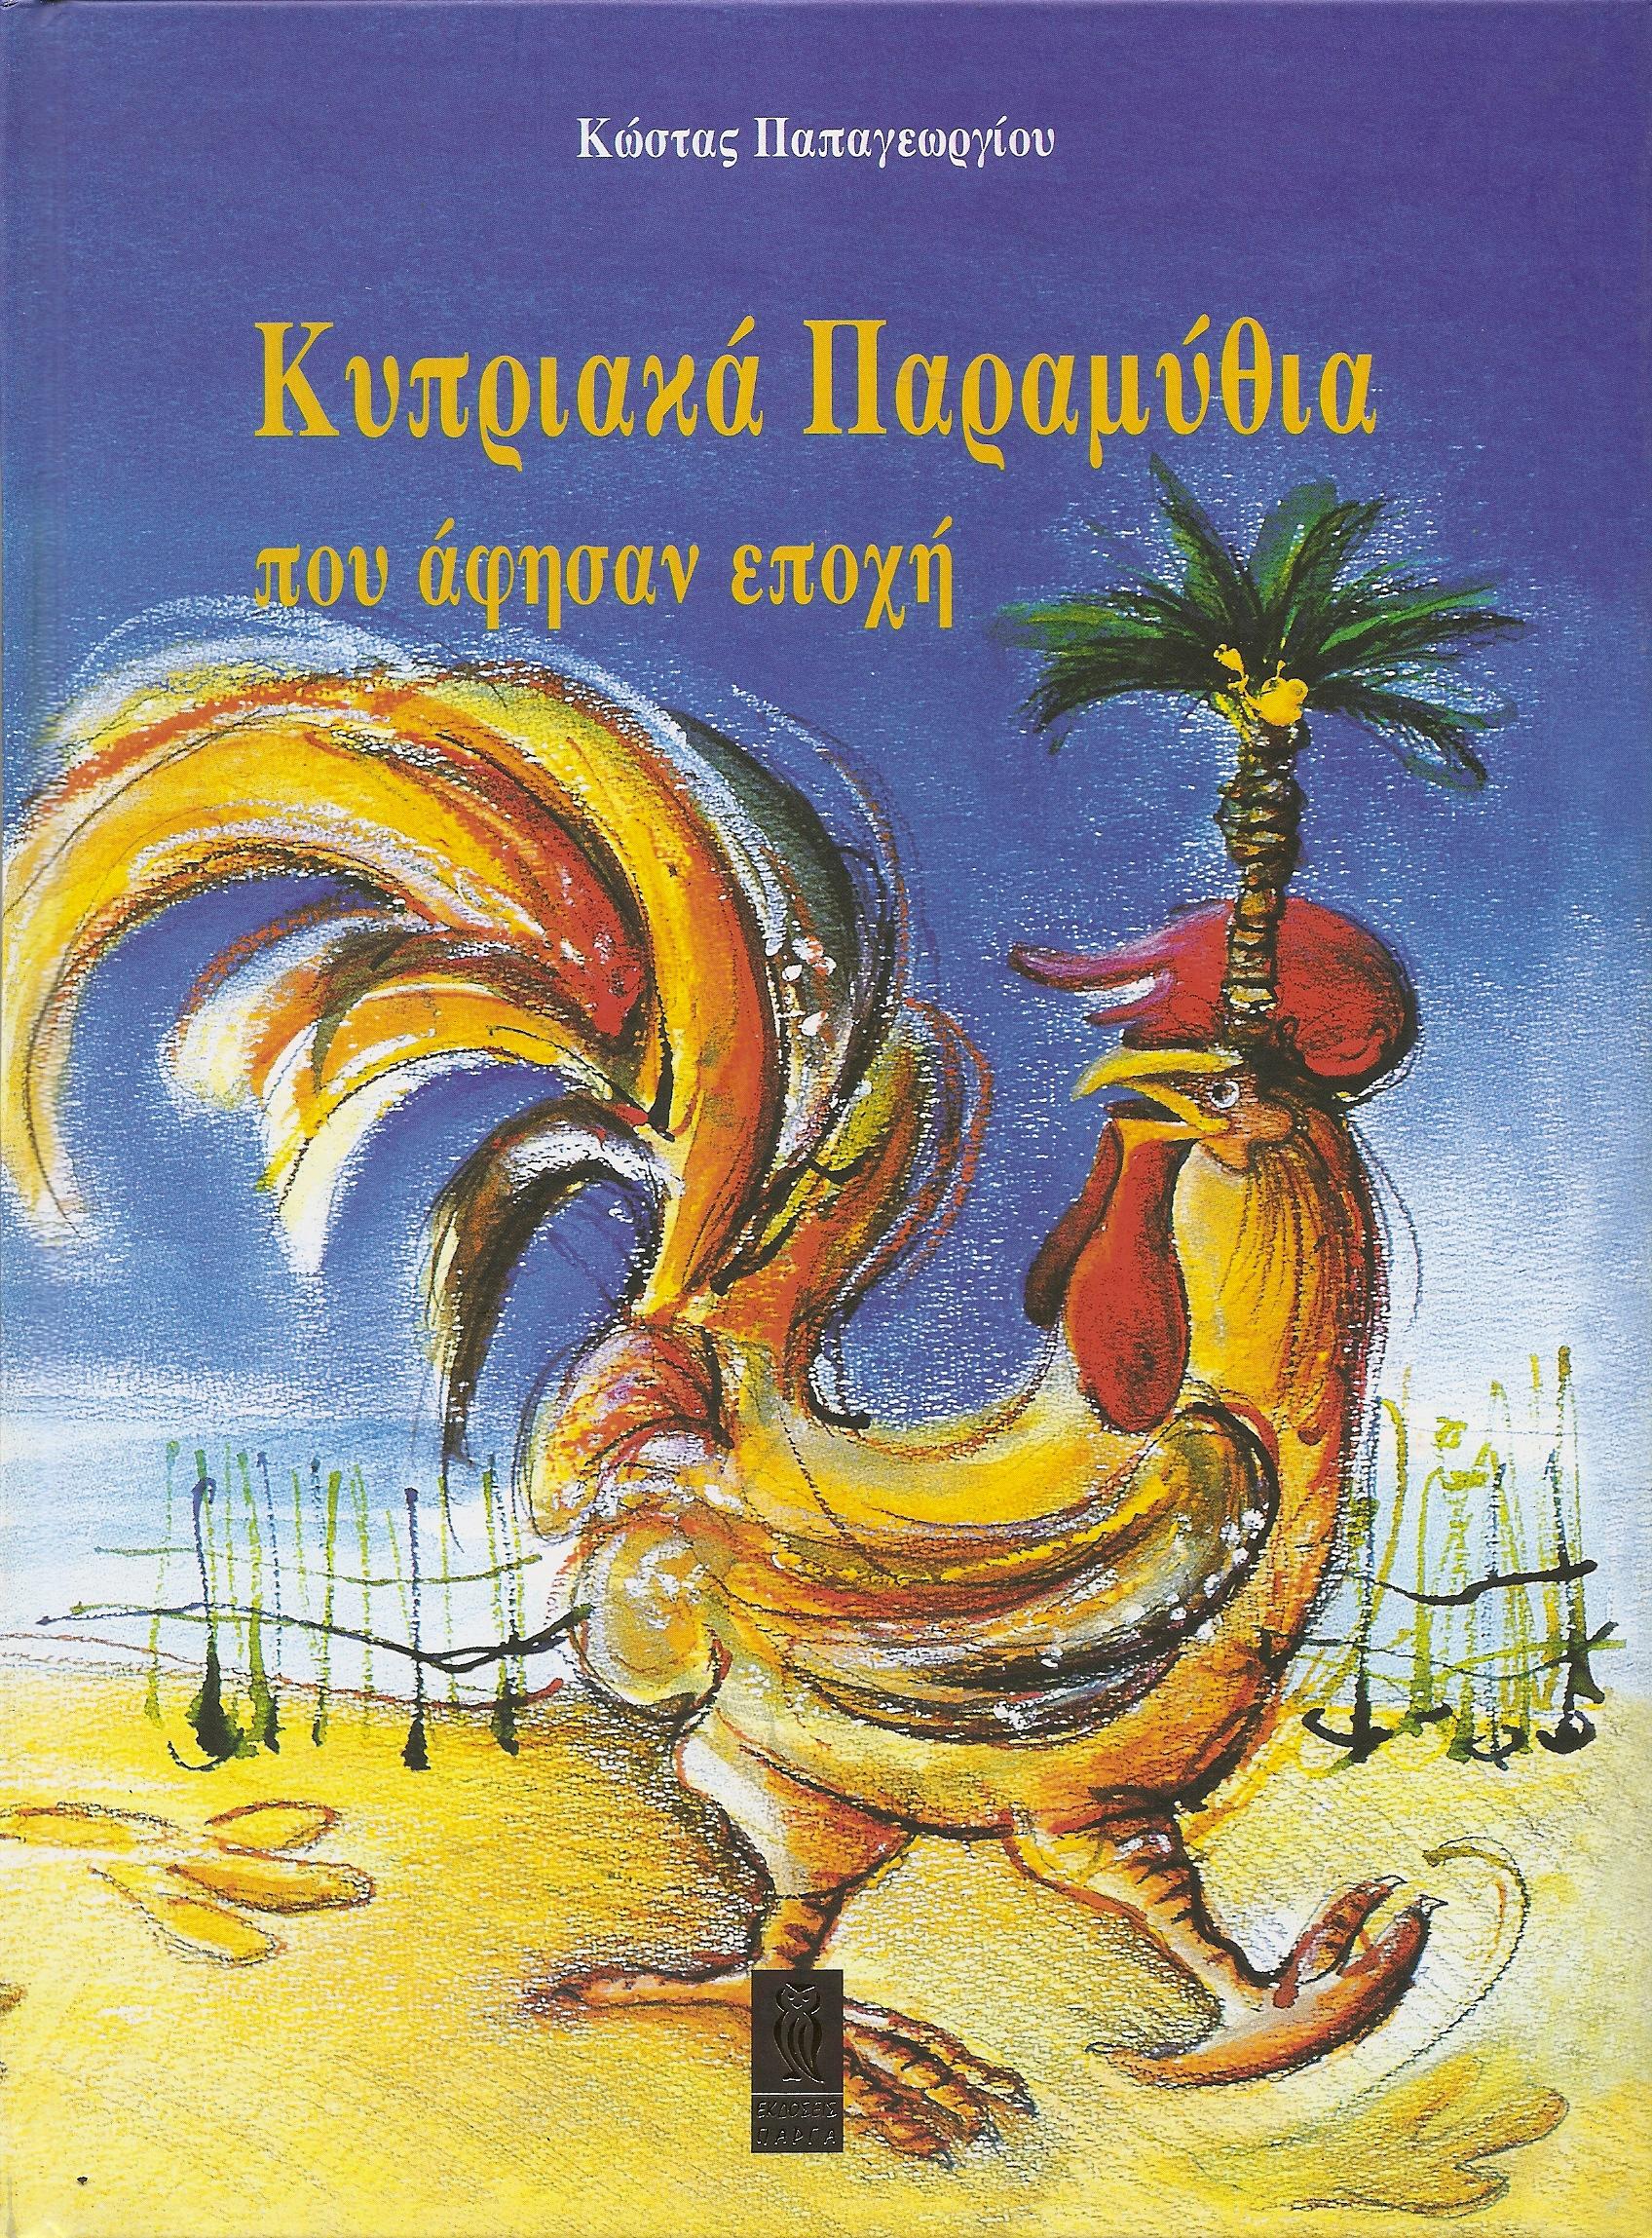 Κυπριακά Παραμύθια που άφησαν εποχή